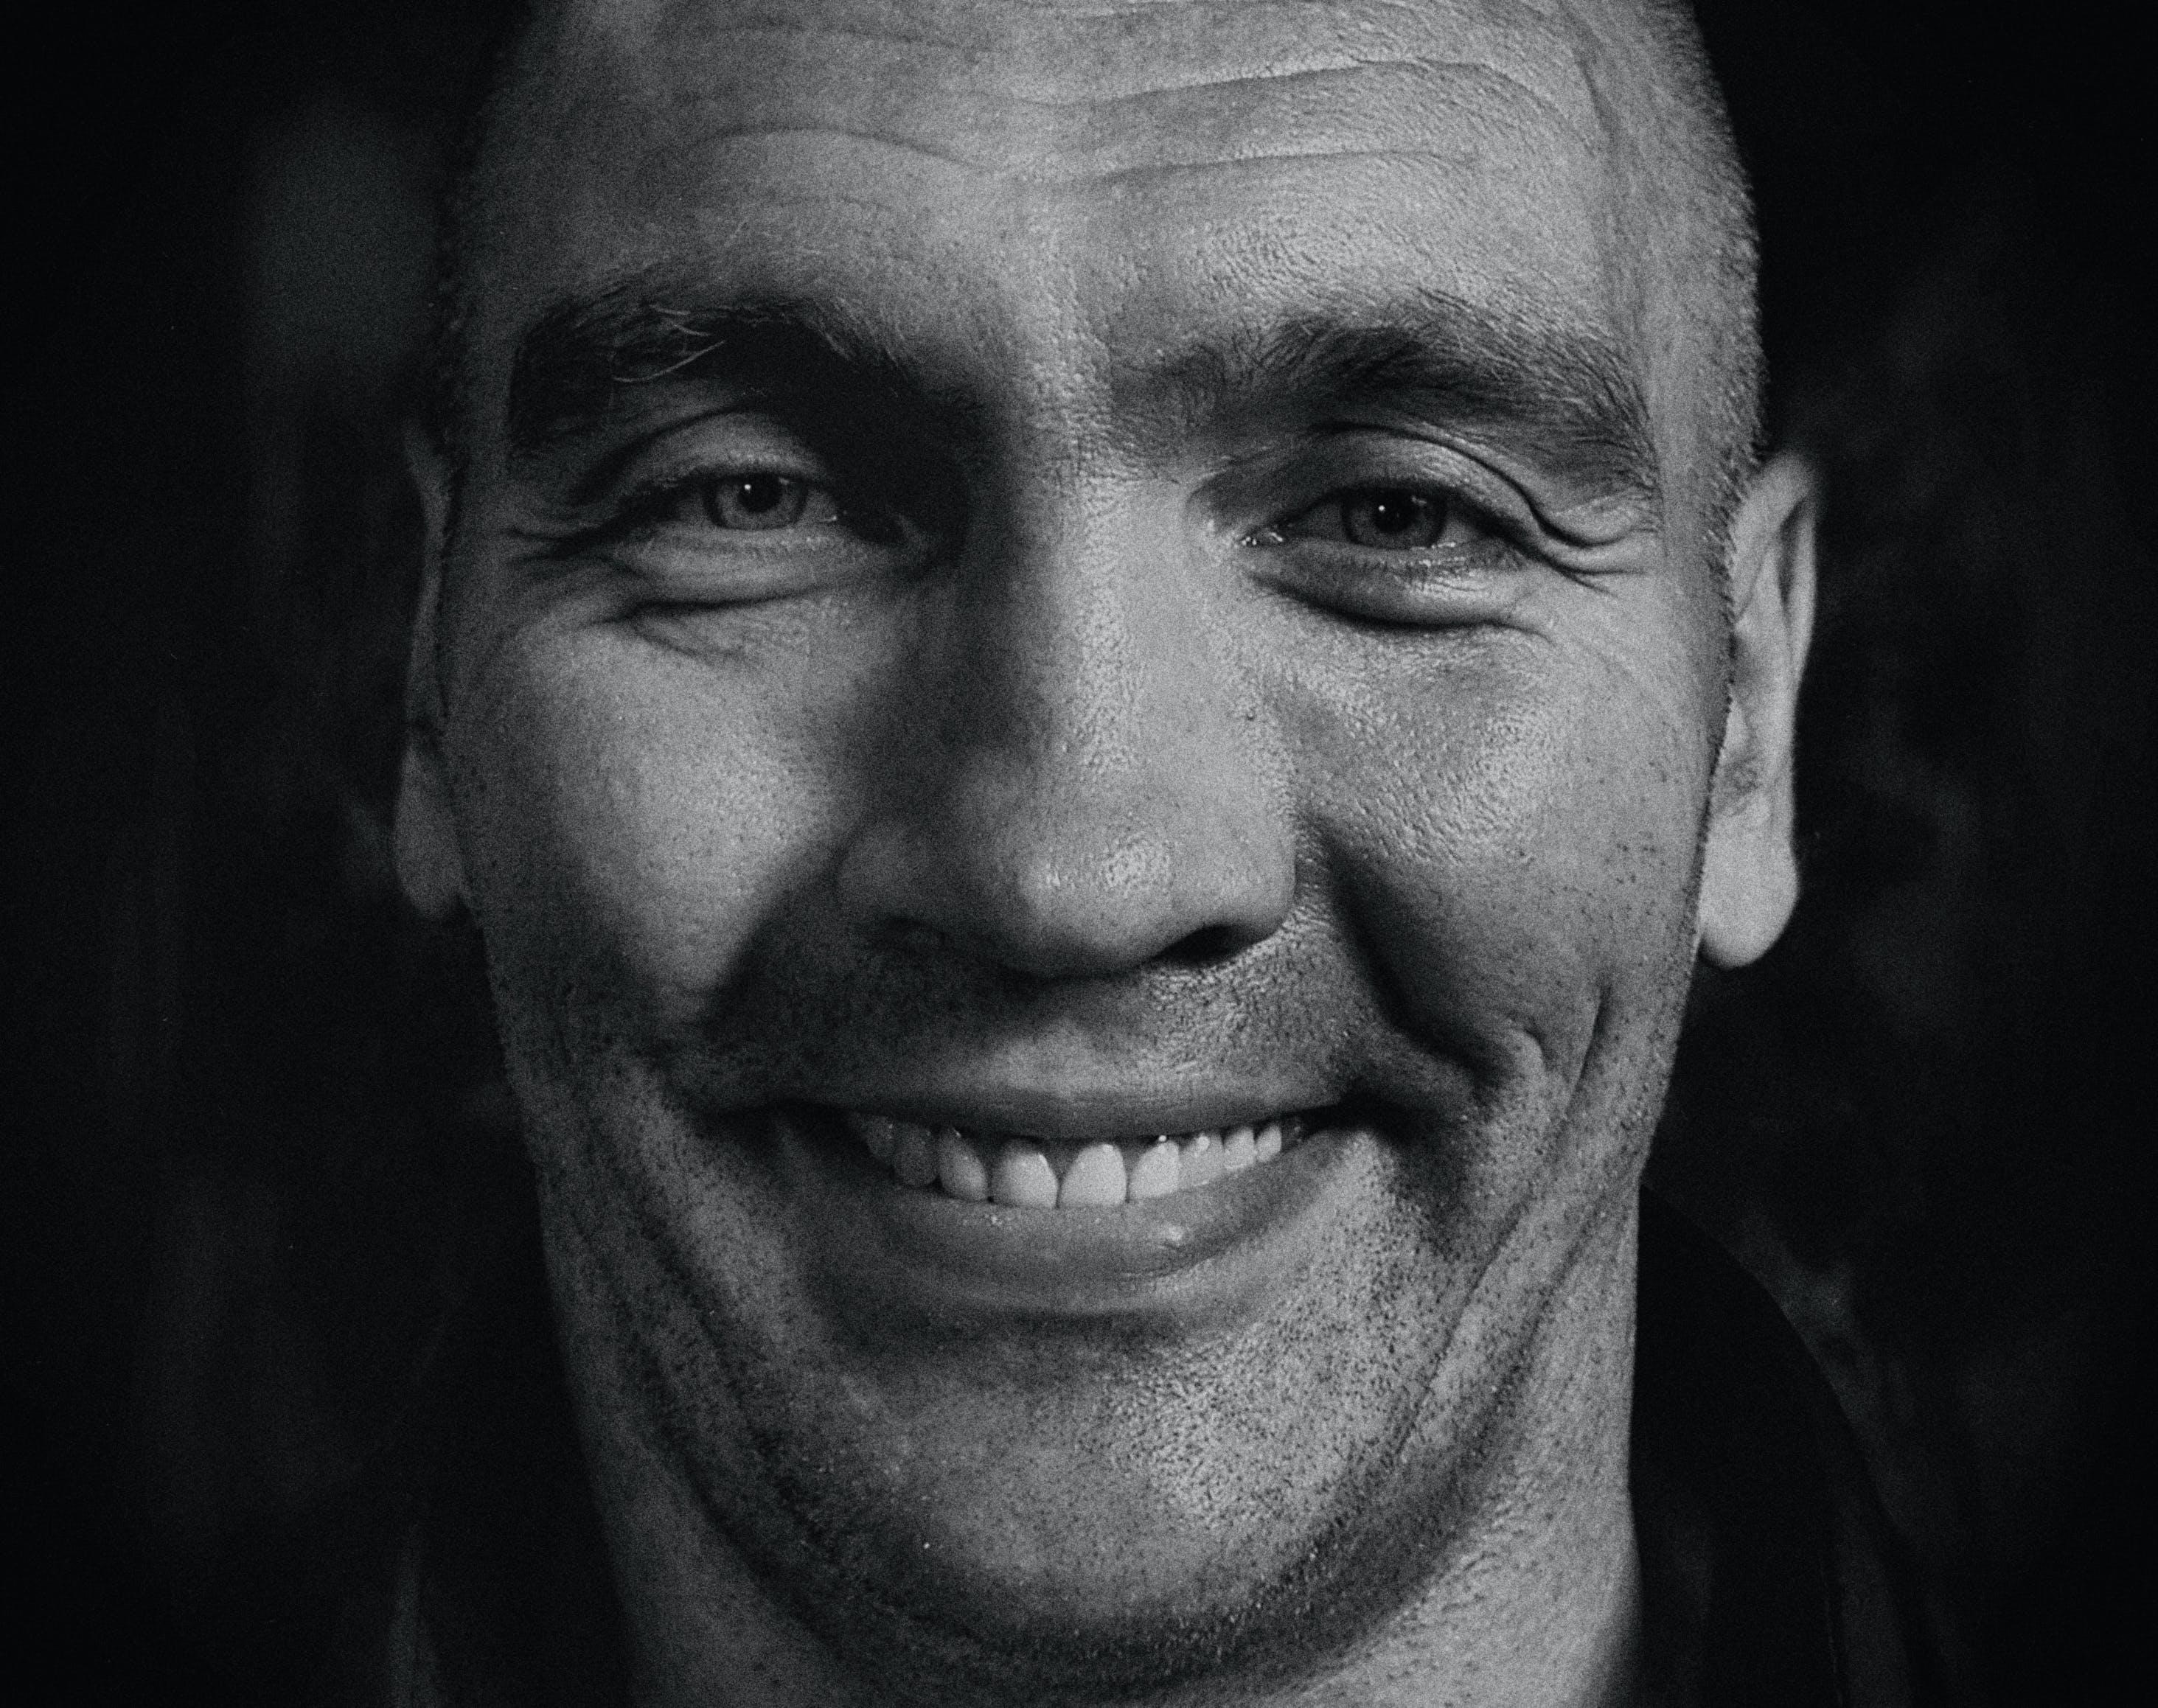 Close-up Photograph of Man's Face